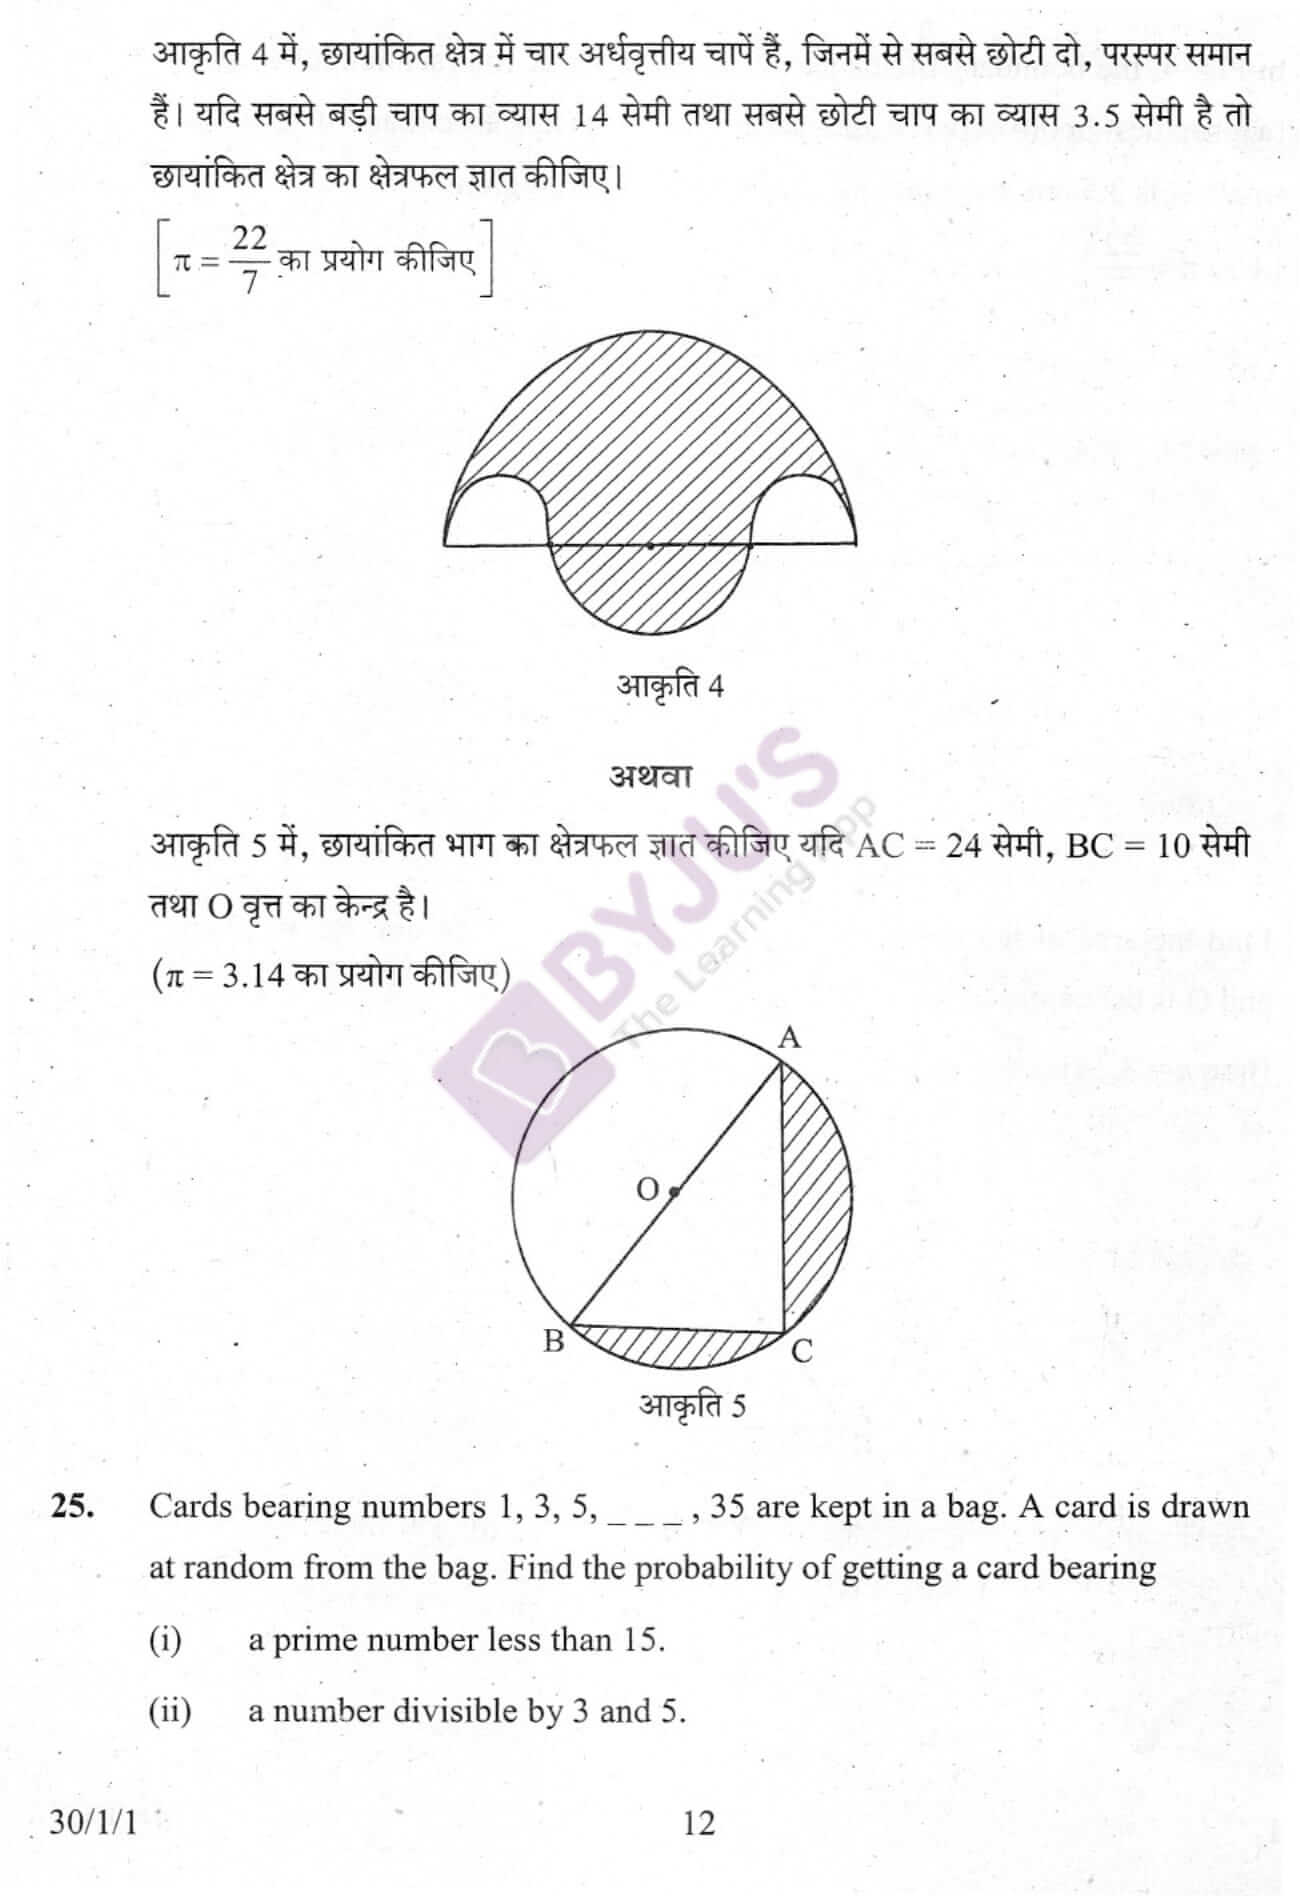 cbse class 10 maths question paper 2010 set 1